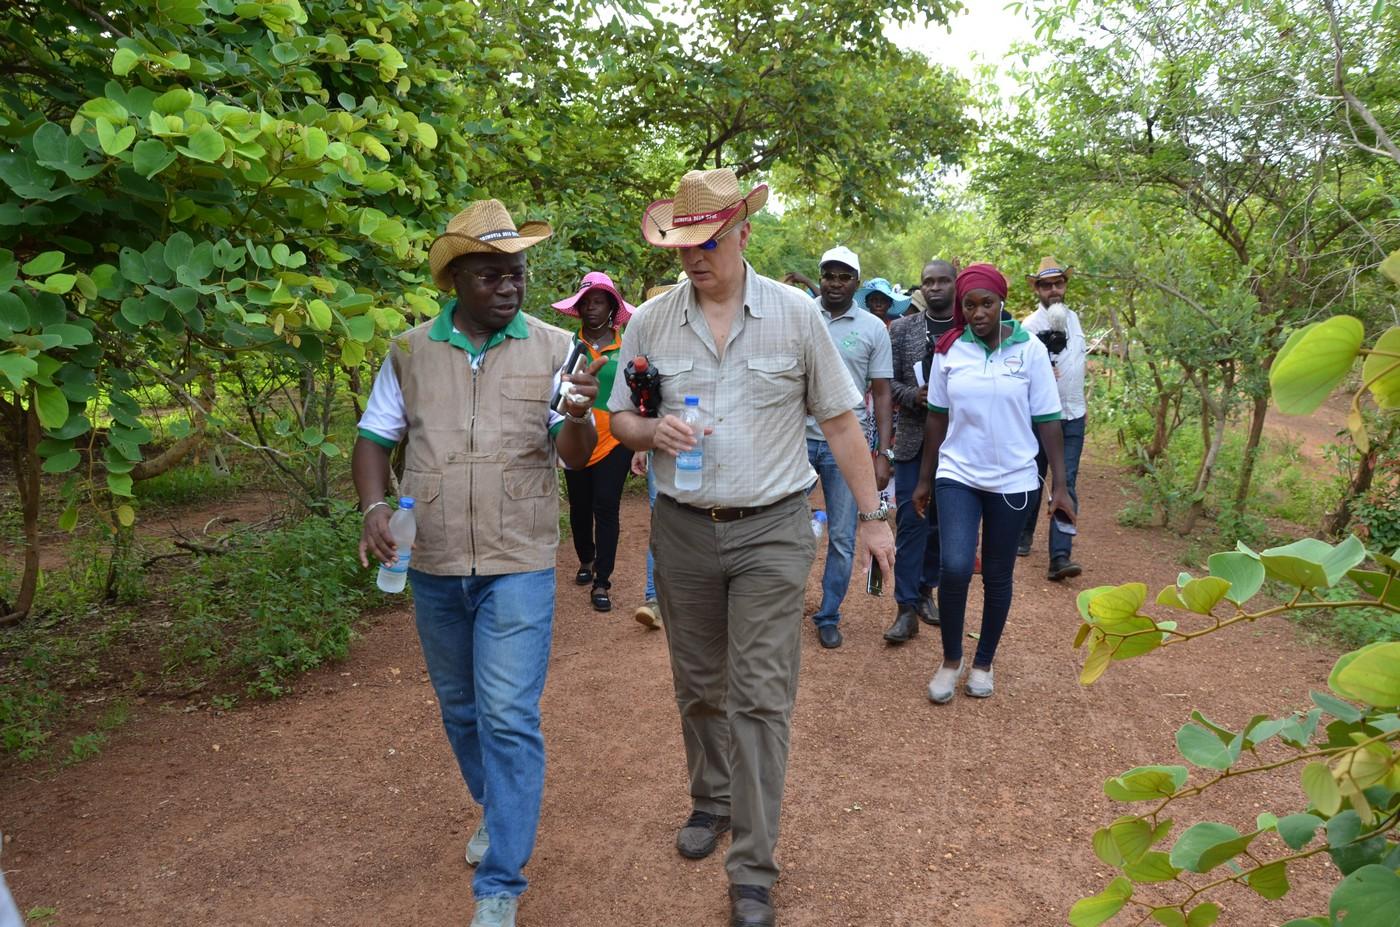 """Atelier international Agrinovia """"Impact de la formation professionnelle universitaire sur le développement rural en Afrique de l'Ouest"""" Korhogo, Mai 2019"""